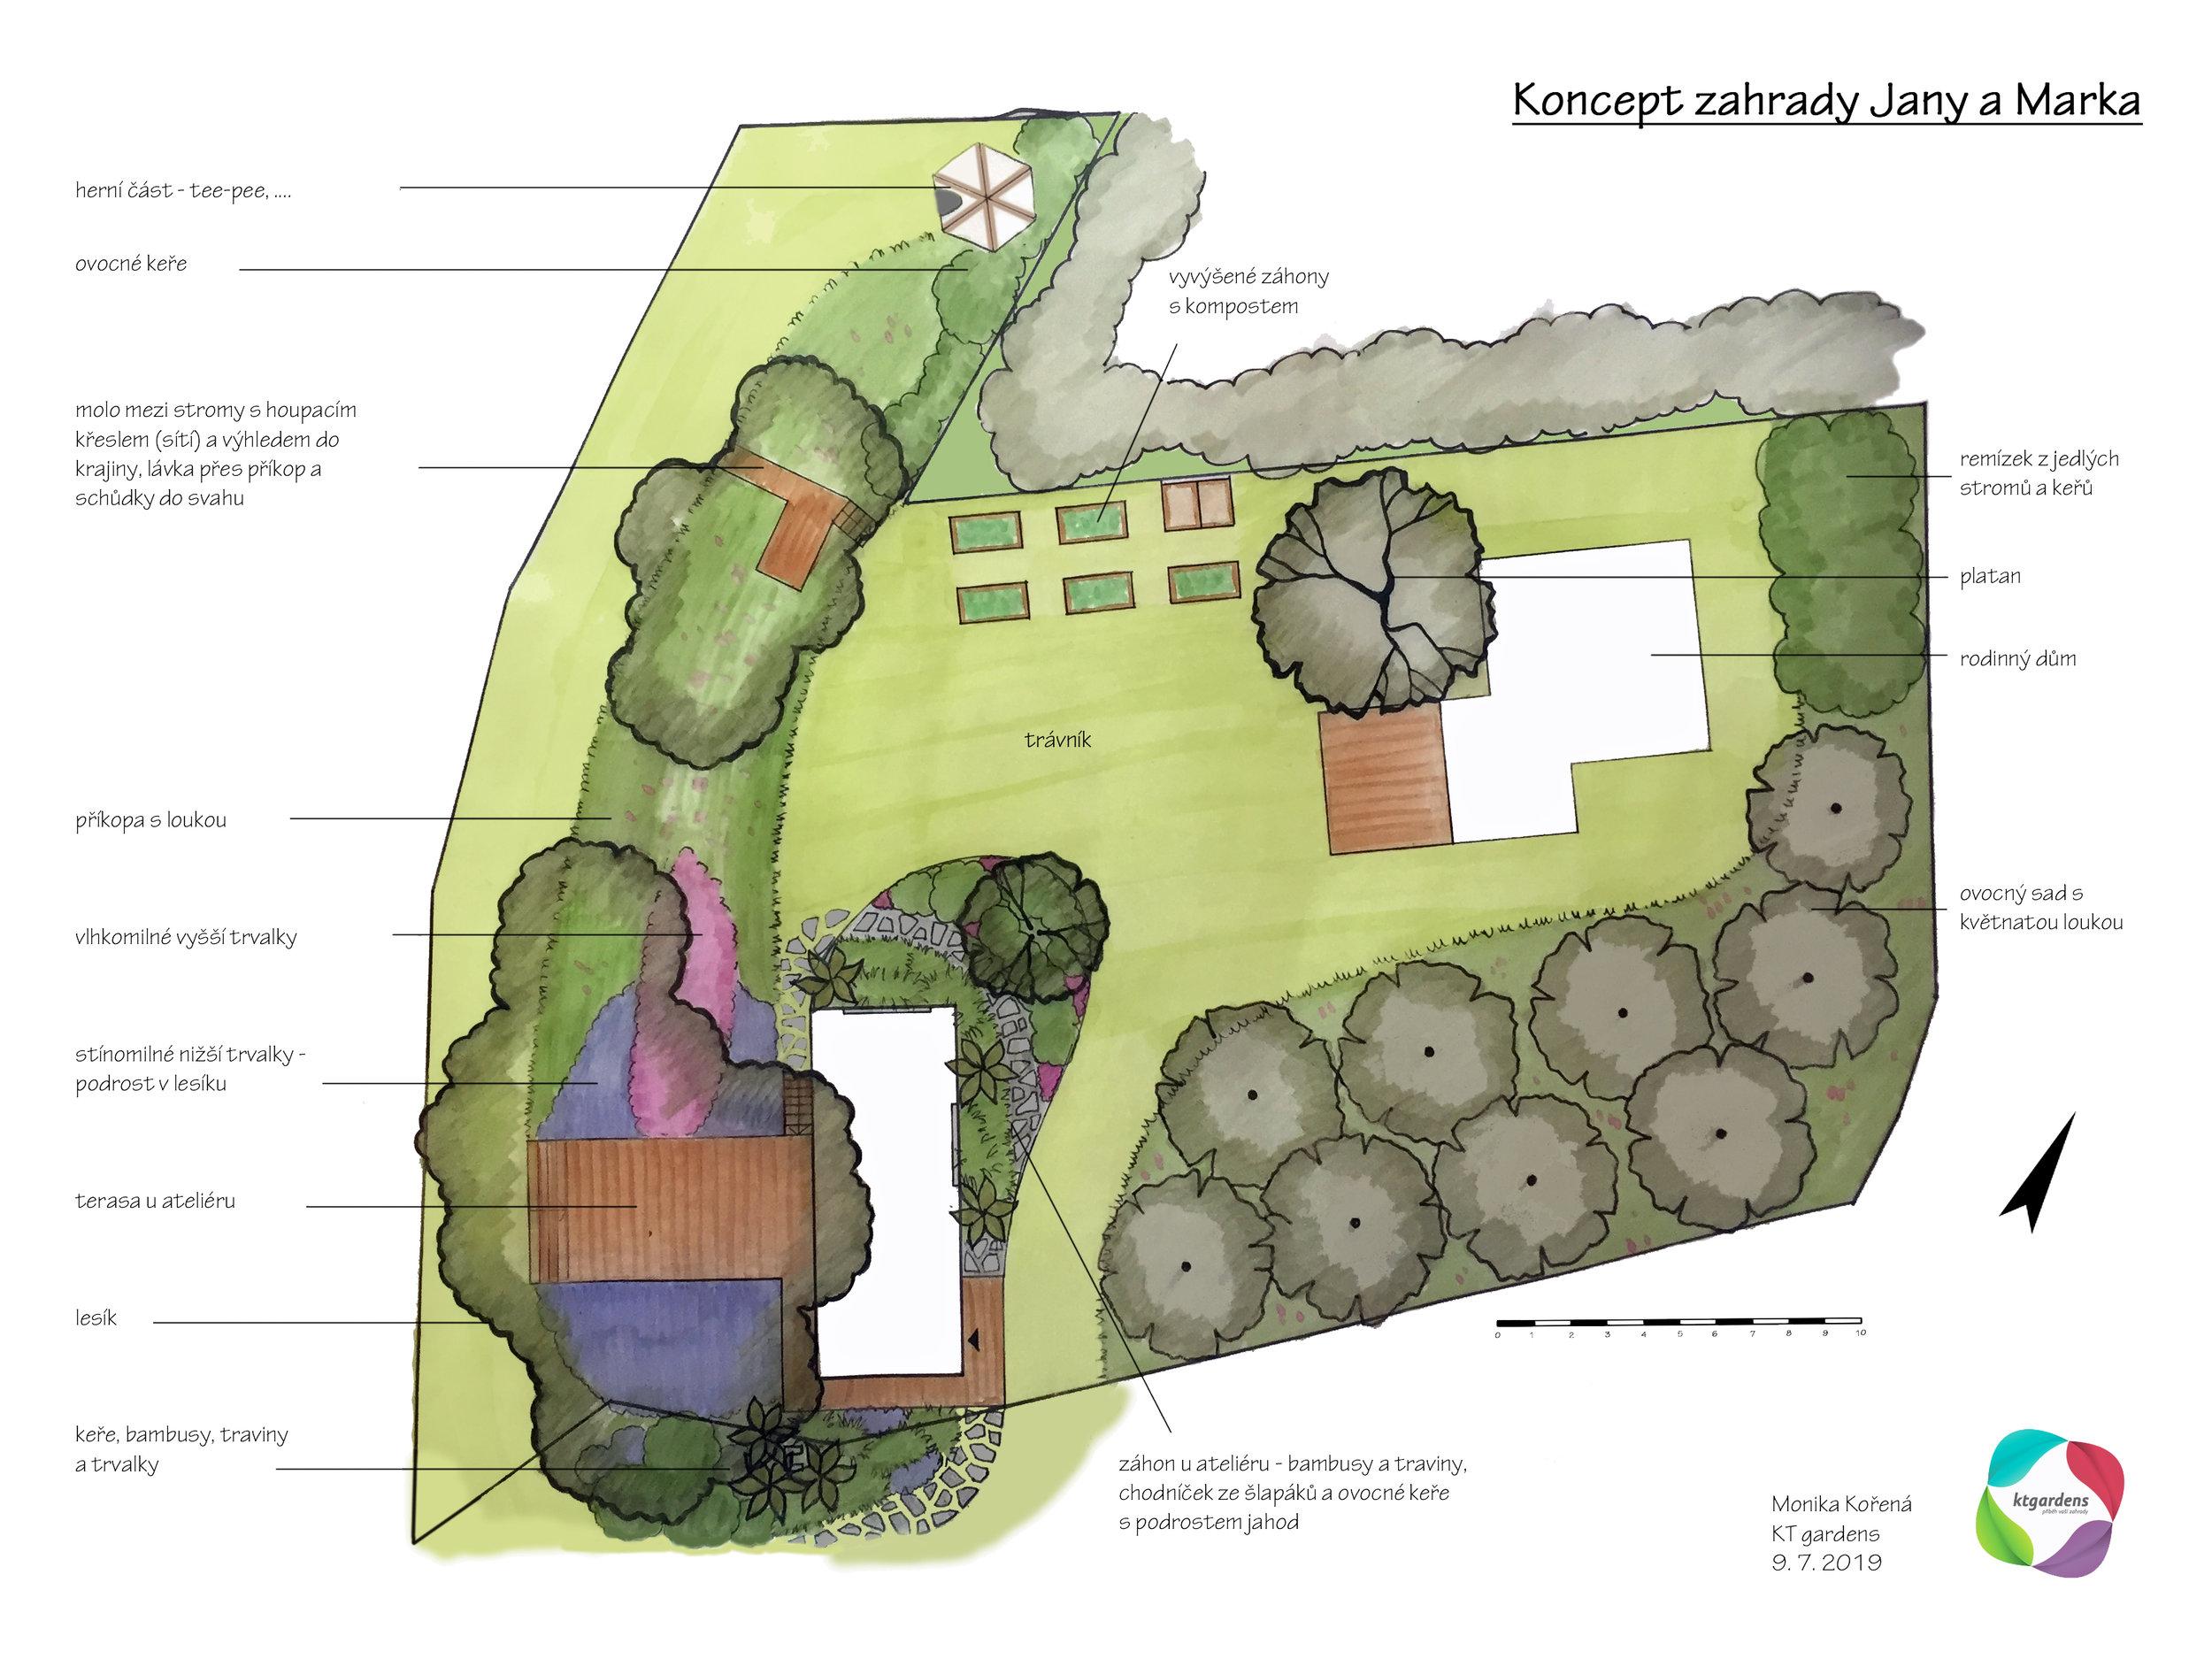 Návrh zahrady ve Vlčnově , venkovská zahrada, přírodní zahrada,  rodinná zahrada, zahrada u ateliéru, louka, sad, ateliér, záhony, les, KTgardens